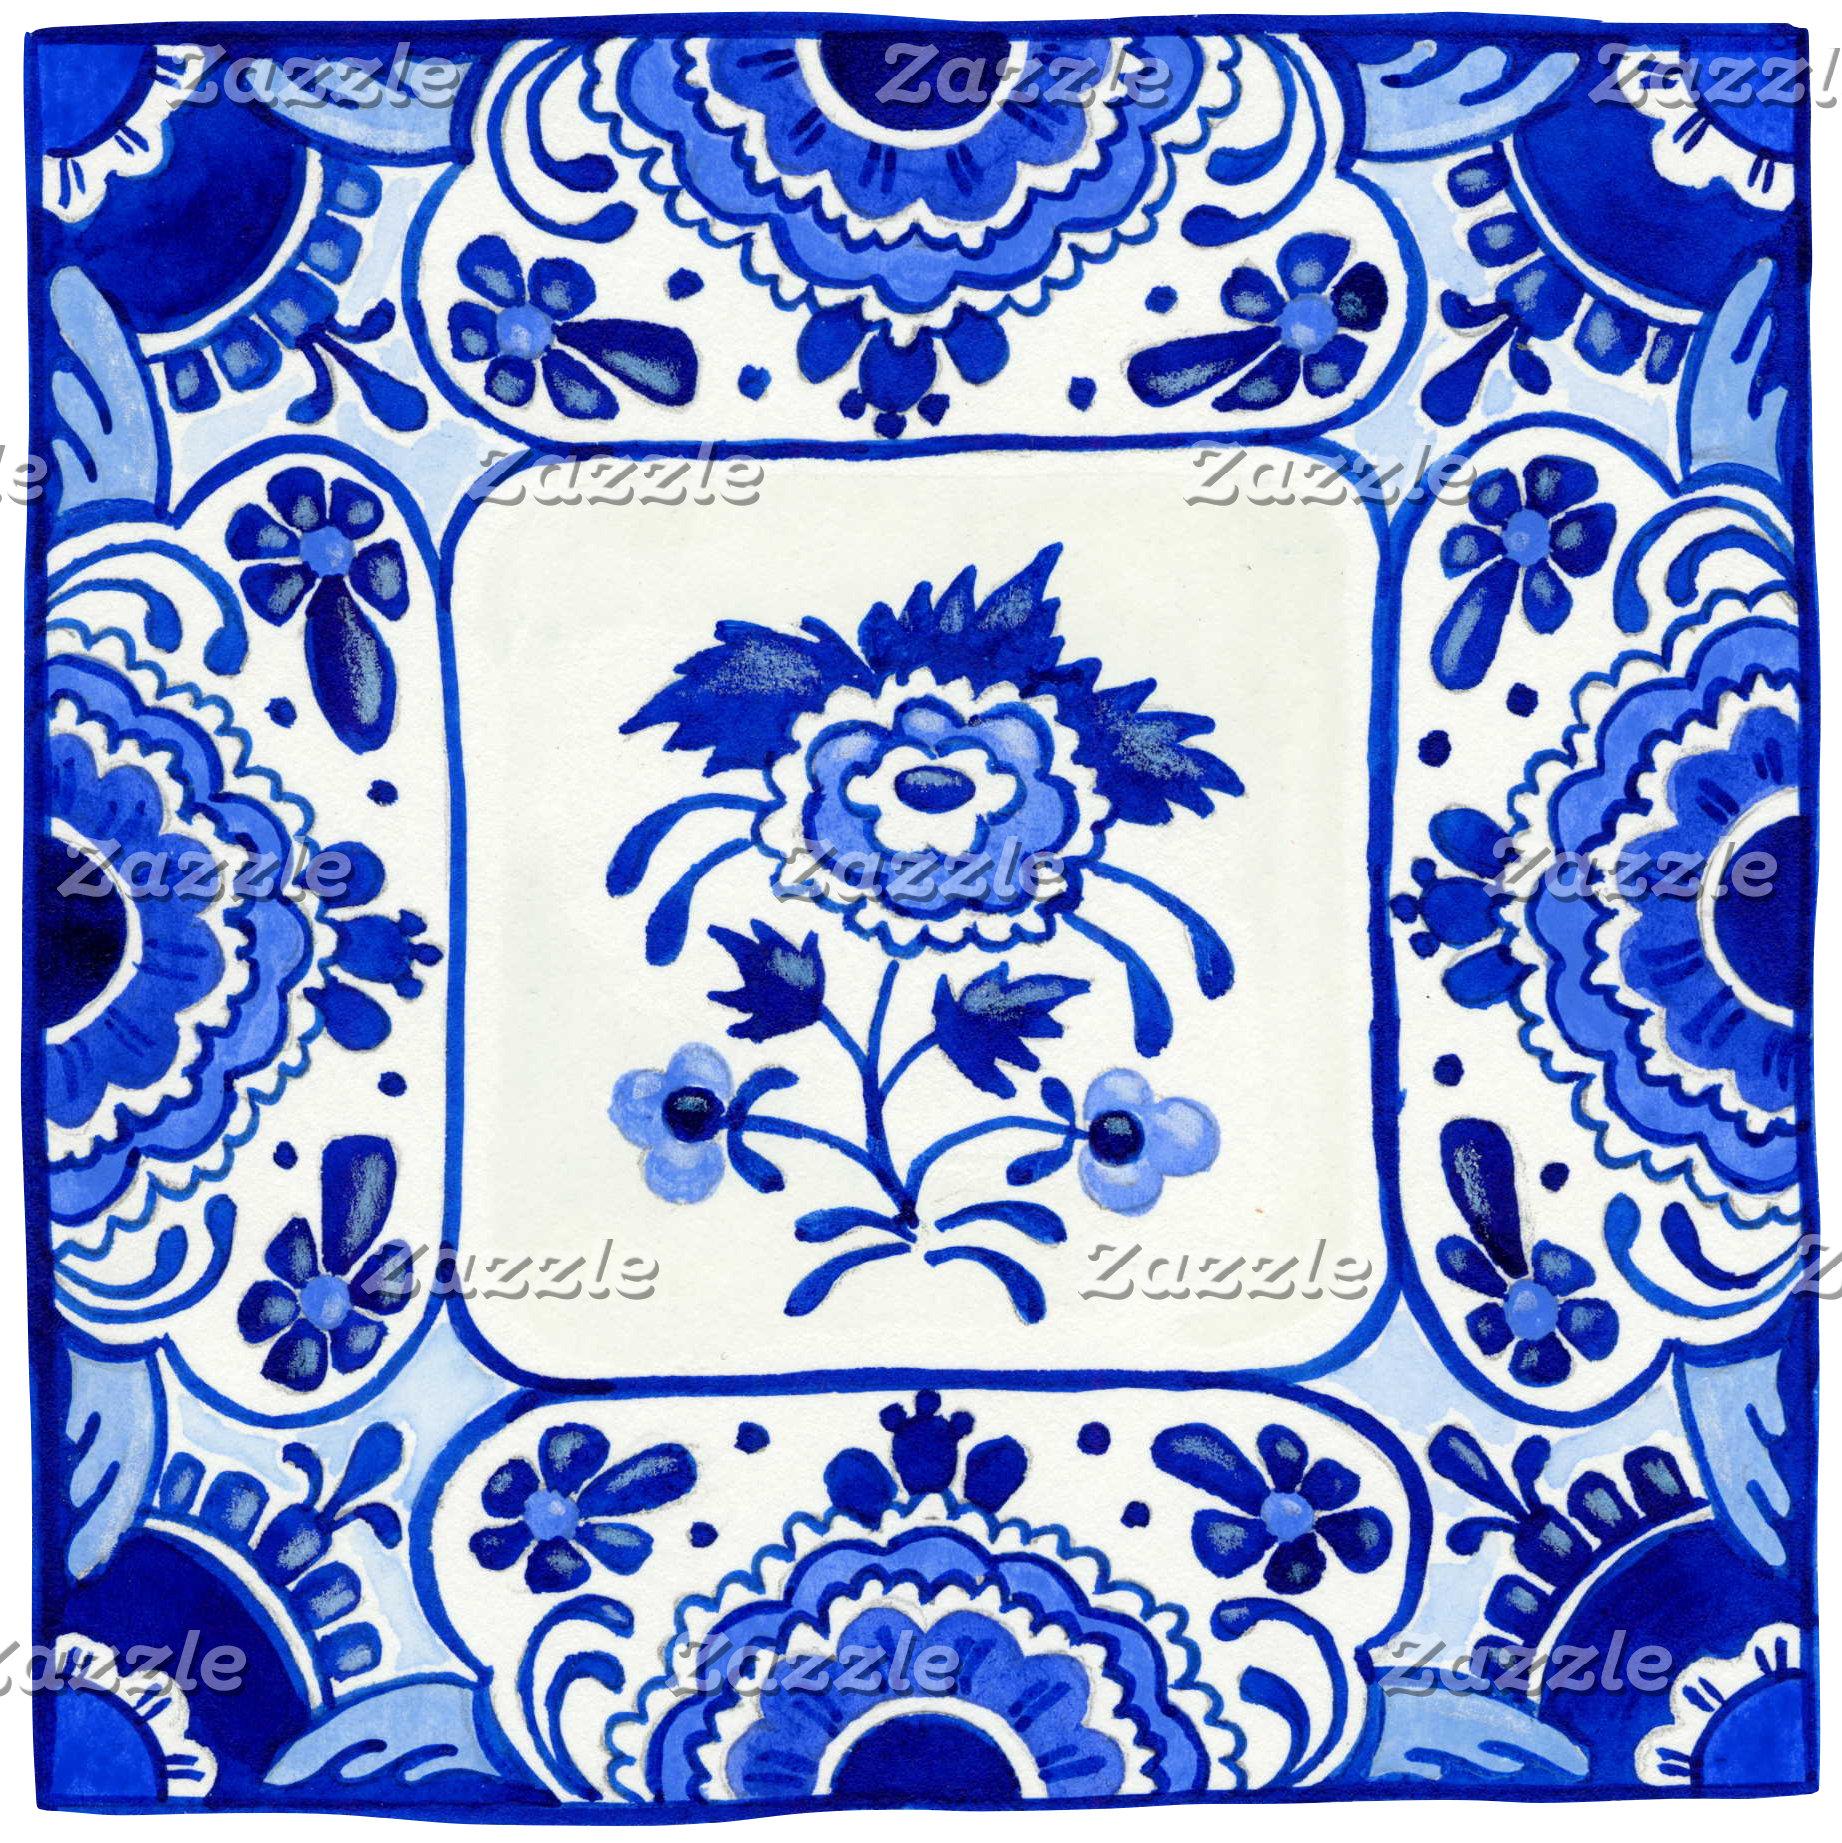 Dutchie Blue #2